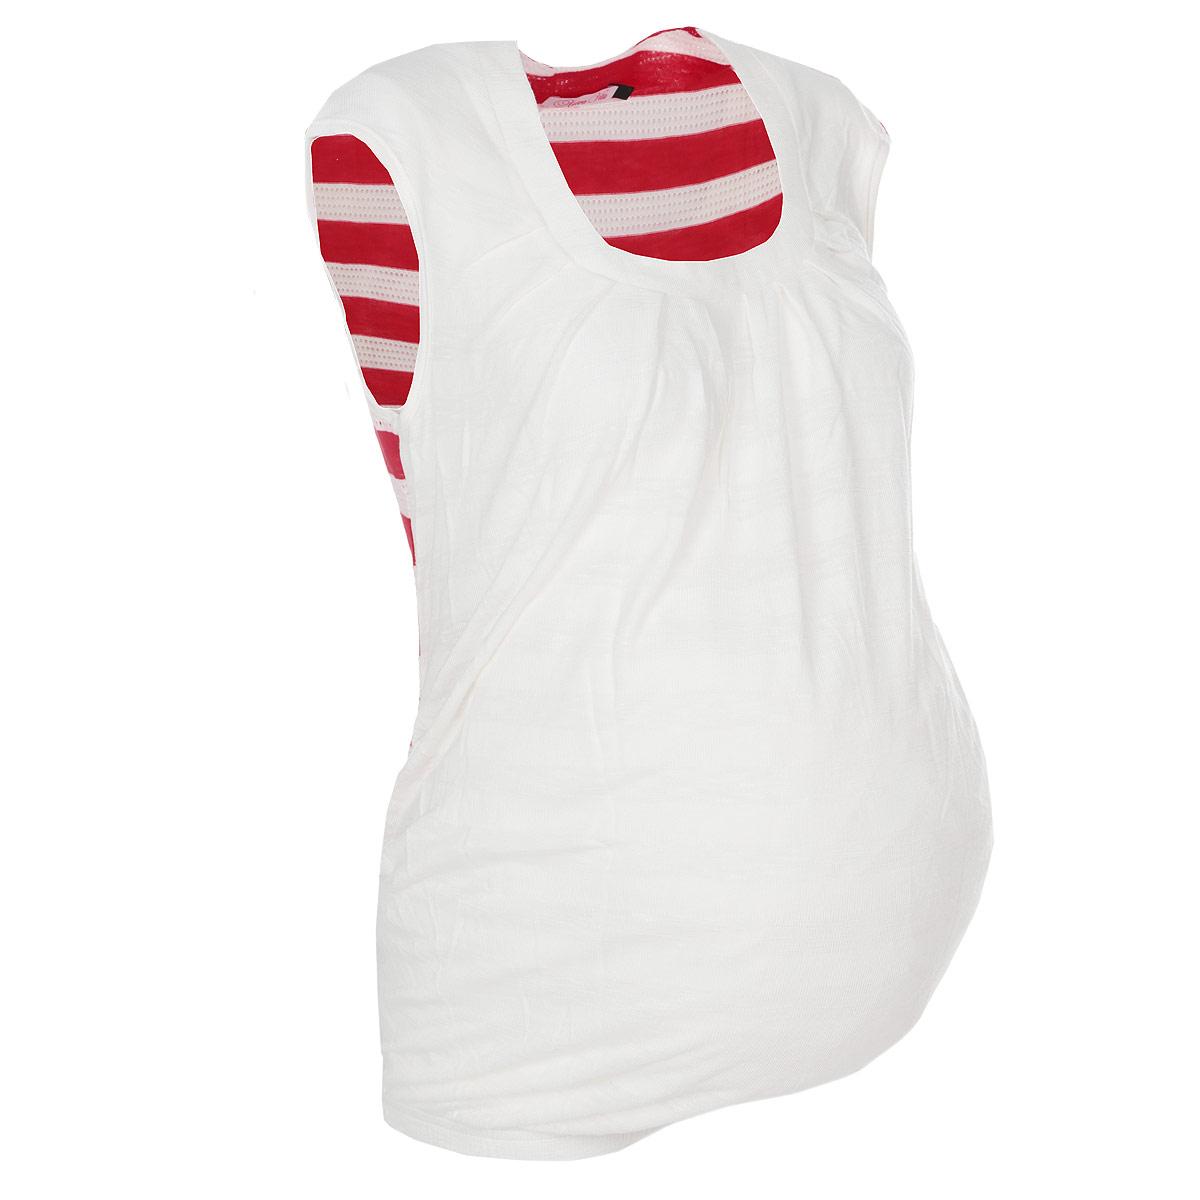 Футболка для беременных Nuova Vita, цвет: белый, красный. 1347.1. Размер 441347.1Стильная футболка Nuova Vita для будущих мам, изготовленная из мягкой вискозы с полосатым принтом, подарит комфорт во время носки. Модель полуоблегающего кроя с круглым вырезом горловины и без рукавов идеальна для повседневной носки, прекрасно садится на любую фигуру, комфортна и приятна к телу. По низу изделие собрано на резинку. Вискоза является волокном, произведенным из натурального материала - целлюлозы (древесины). Иногда ее называют древесный шелк. Эта ткань на ощупь мягкая и приятная, образует красивые складки. Материал очень хорошо впитывает влагу, не образует катышек со временем, не выцветает на солнце и обладает приятным шелковистым блеском.